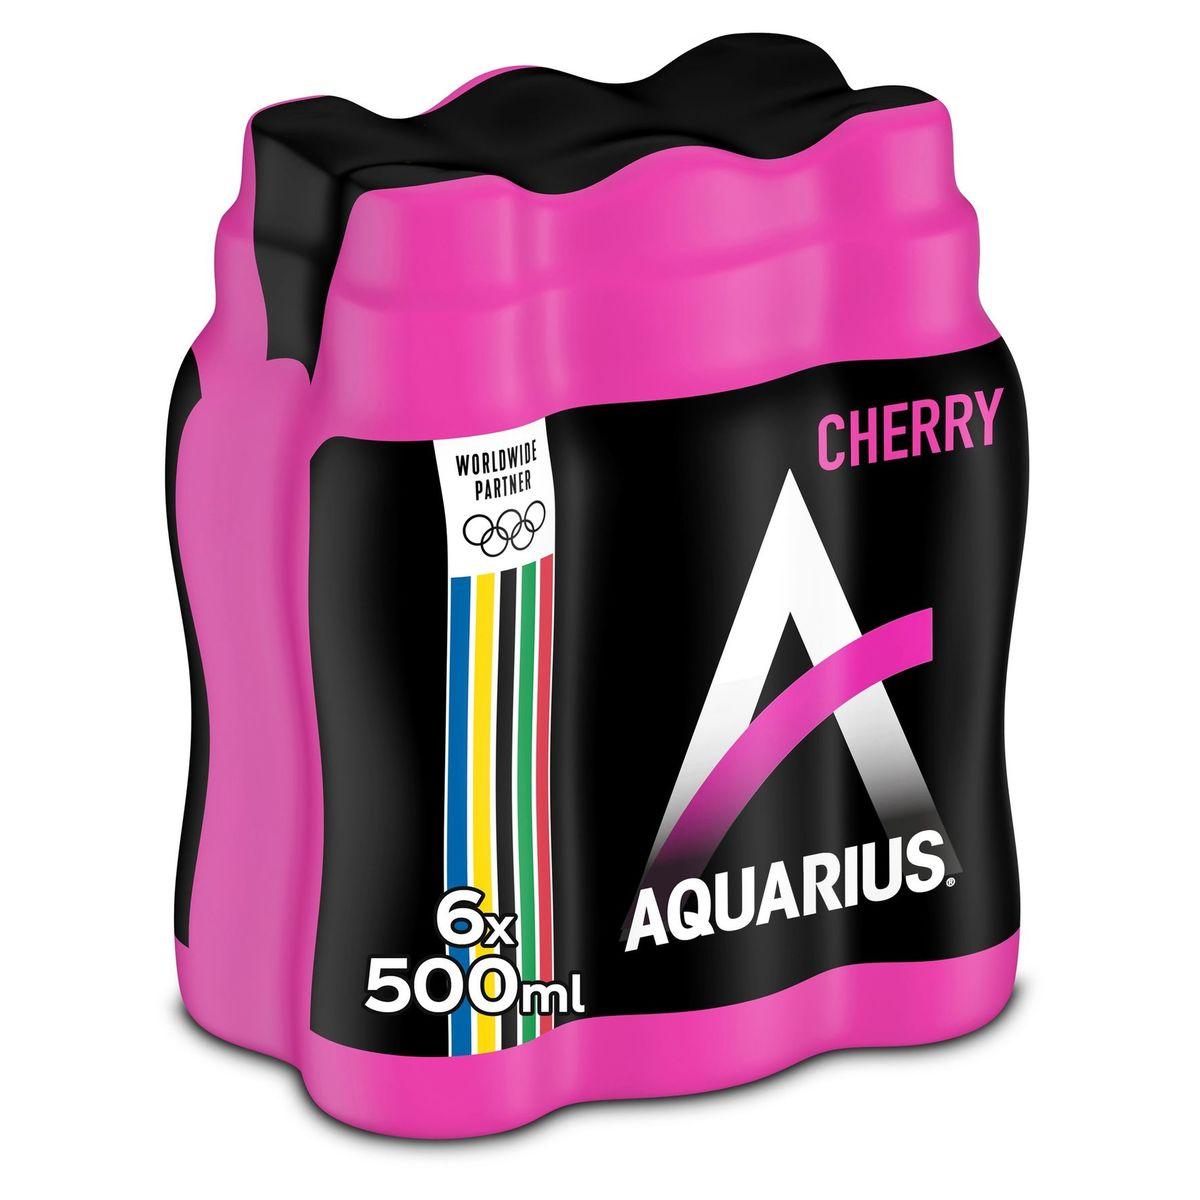 Aquarius Isotonic Cherry 6 x 500 ml